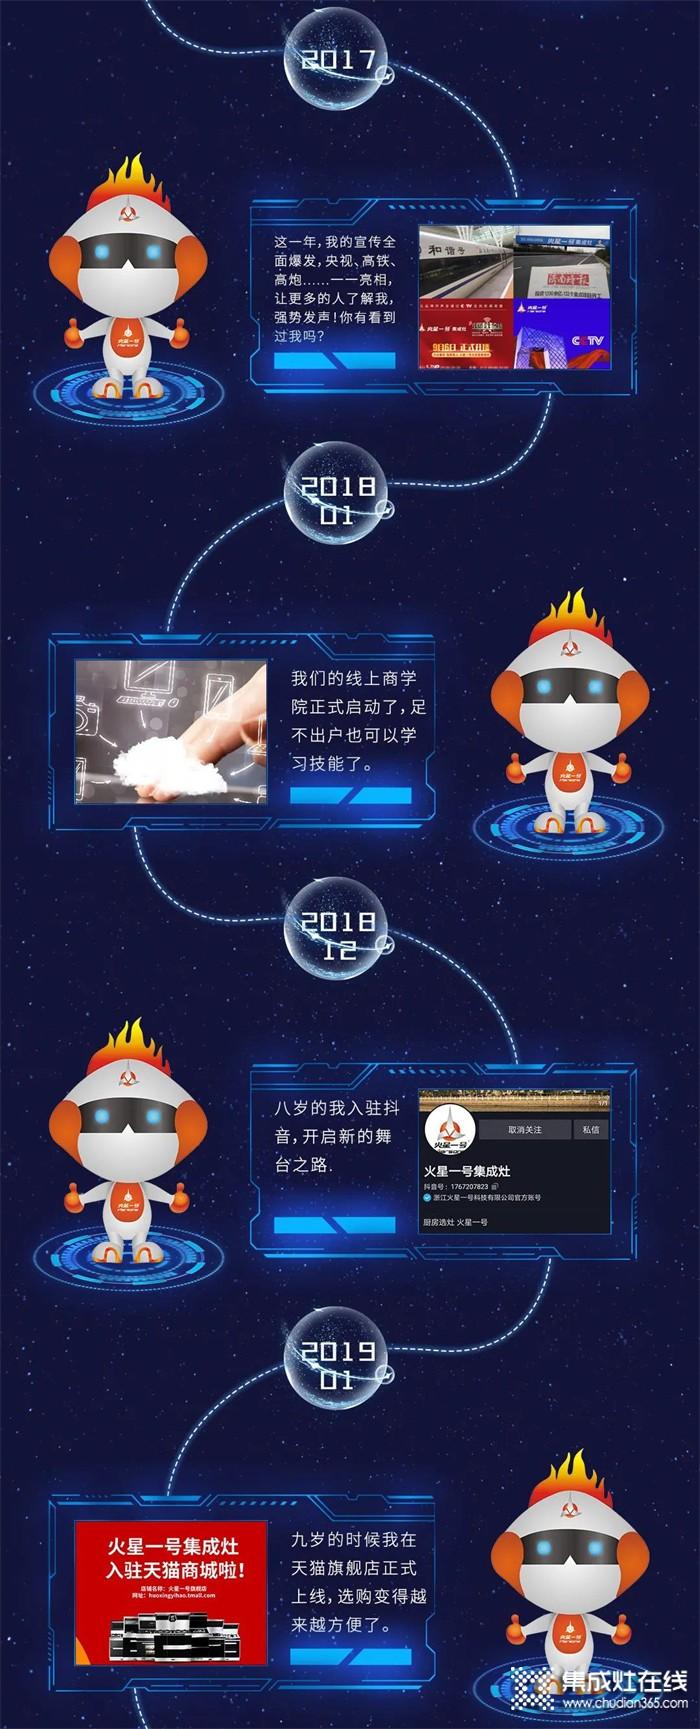 探厂优选,品质之巅丨火星一号集成灶:我的成长日记~